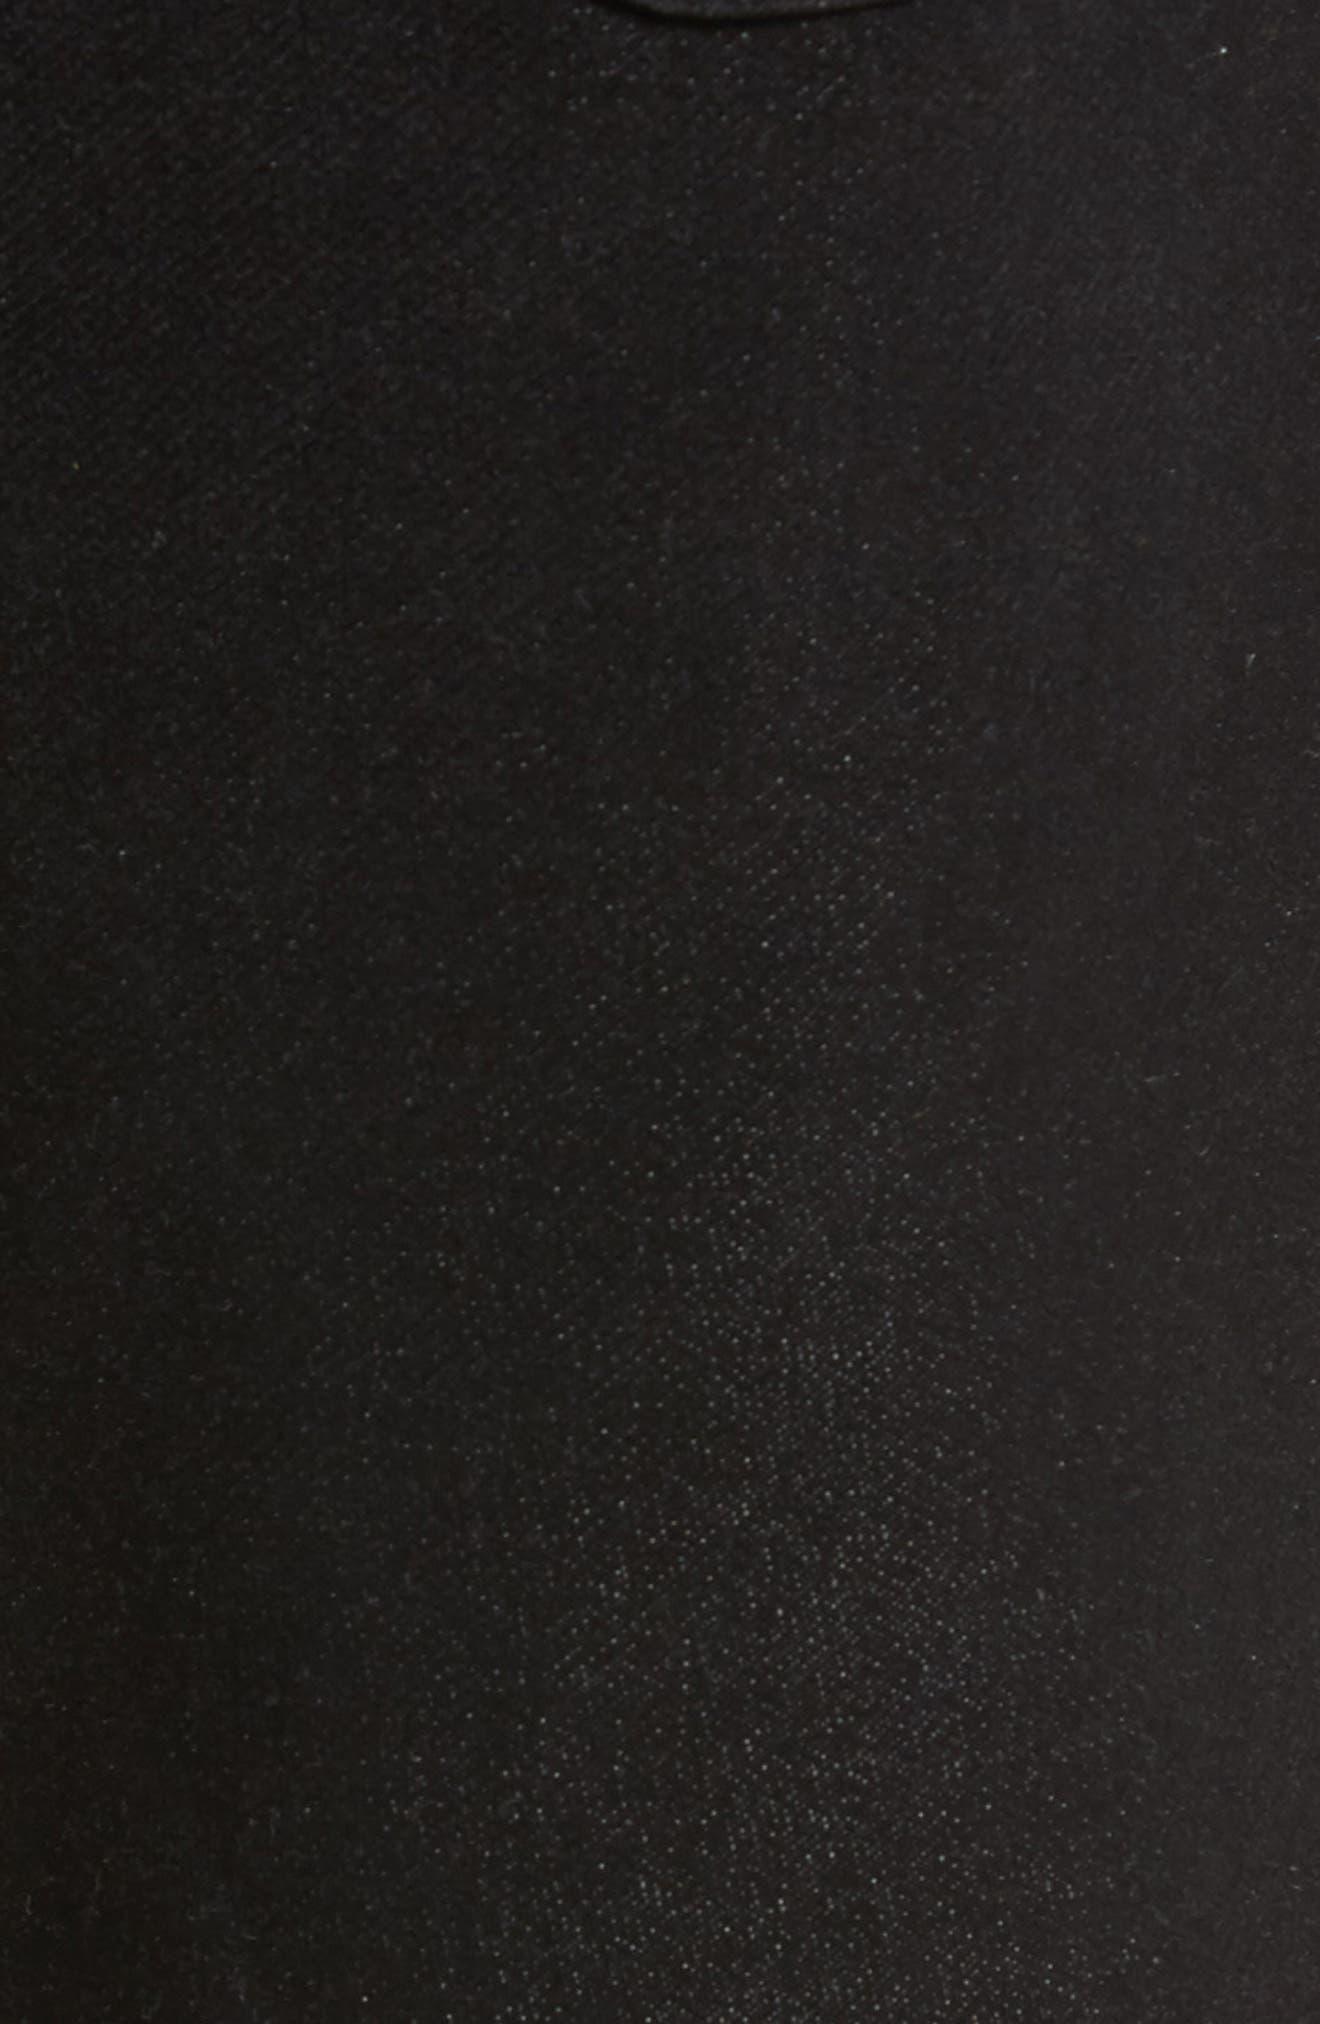 Torino Slim Fit Jeans,                             Alternate thumbnail 5, color,                             Oxy Black On Black